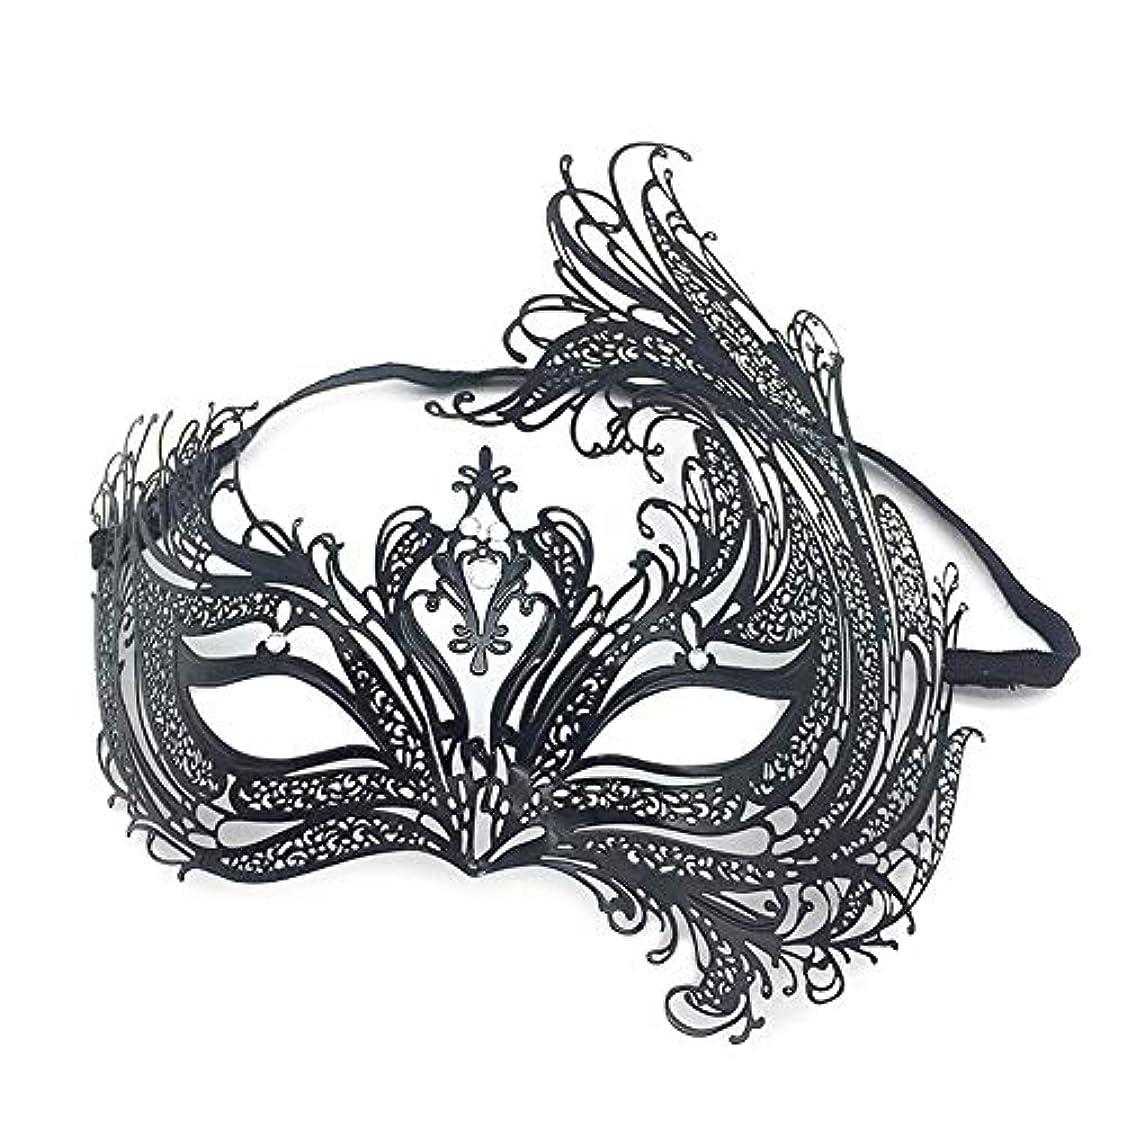 消化流暢支給ダンスマスク 仮面舞踏会パーティーブラックセクシーハーフフェイスフェニックスハロウィーンロールプレイングメタルマスクガール ホリデーパーティー用品 (色 : ブラック, サイズ : 20x19cm)